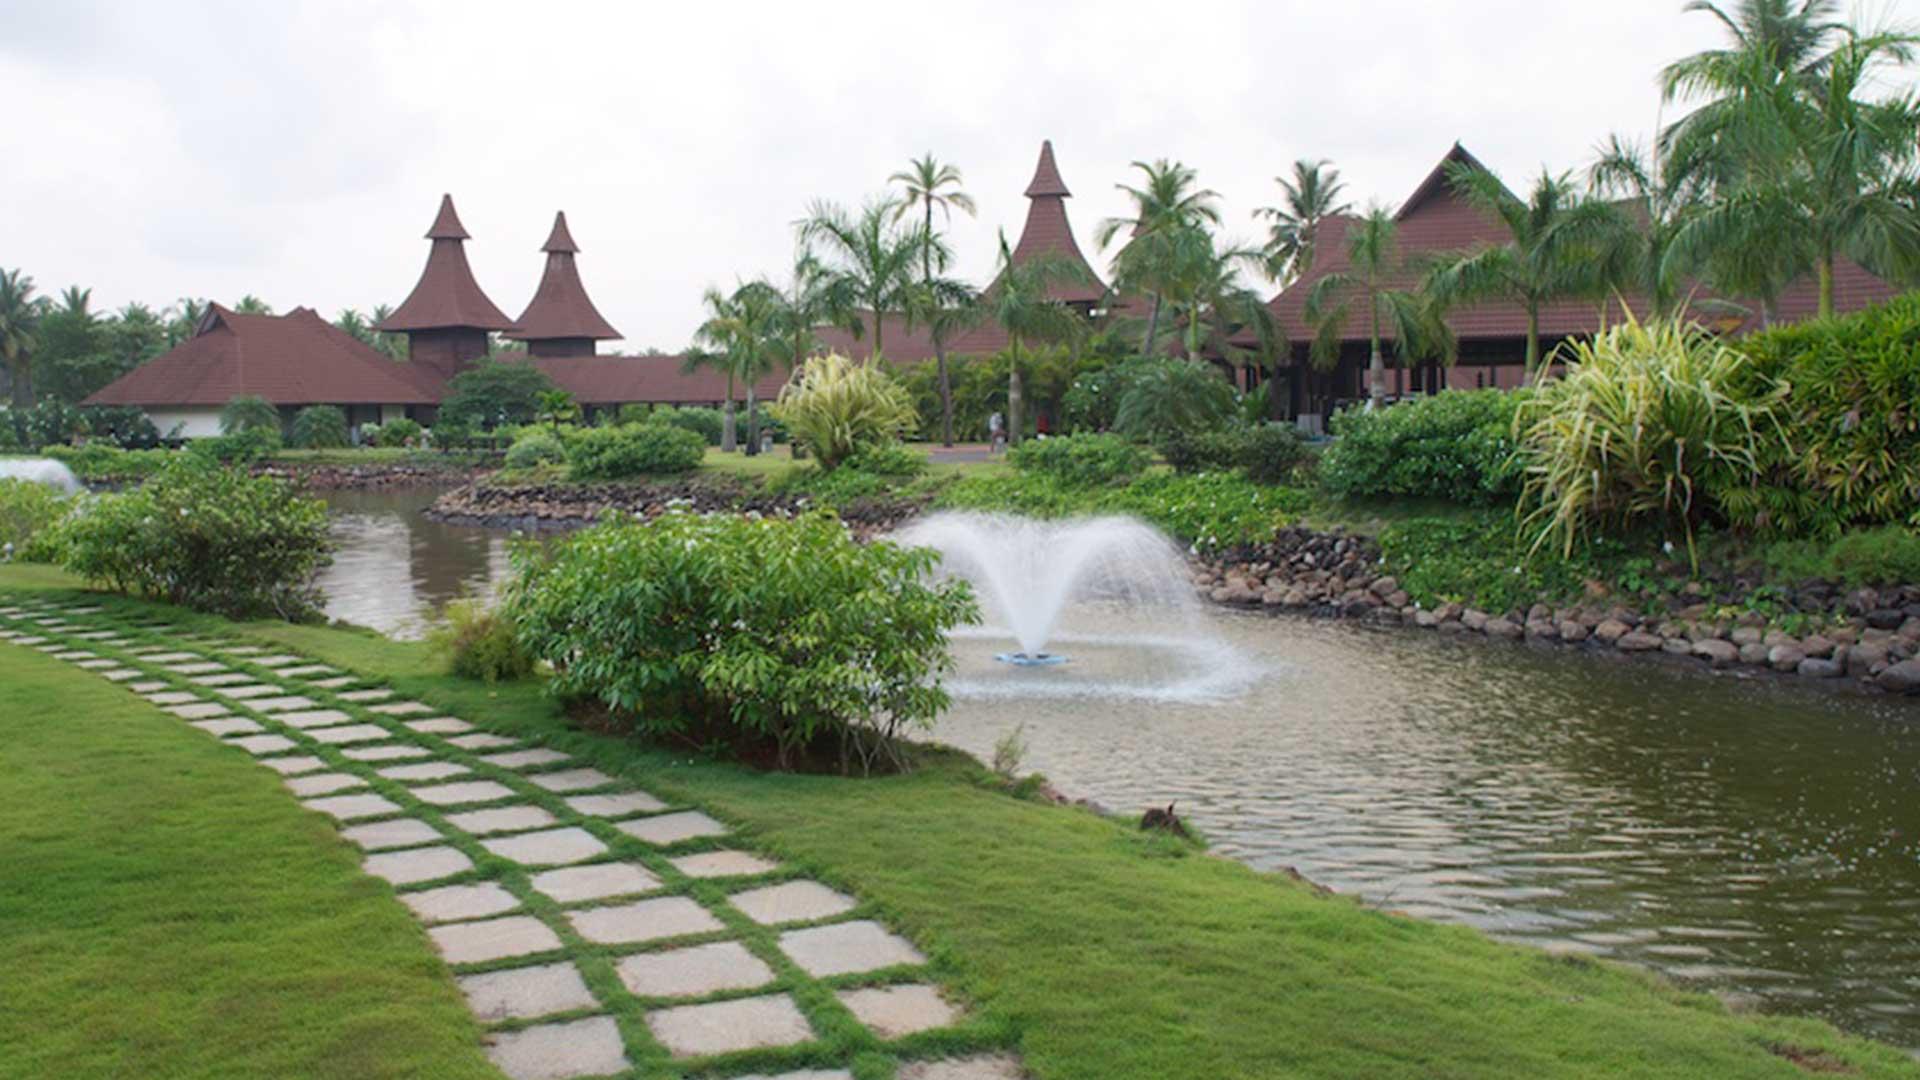 Lalit Bakel Kasargod, Kerala